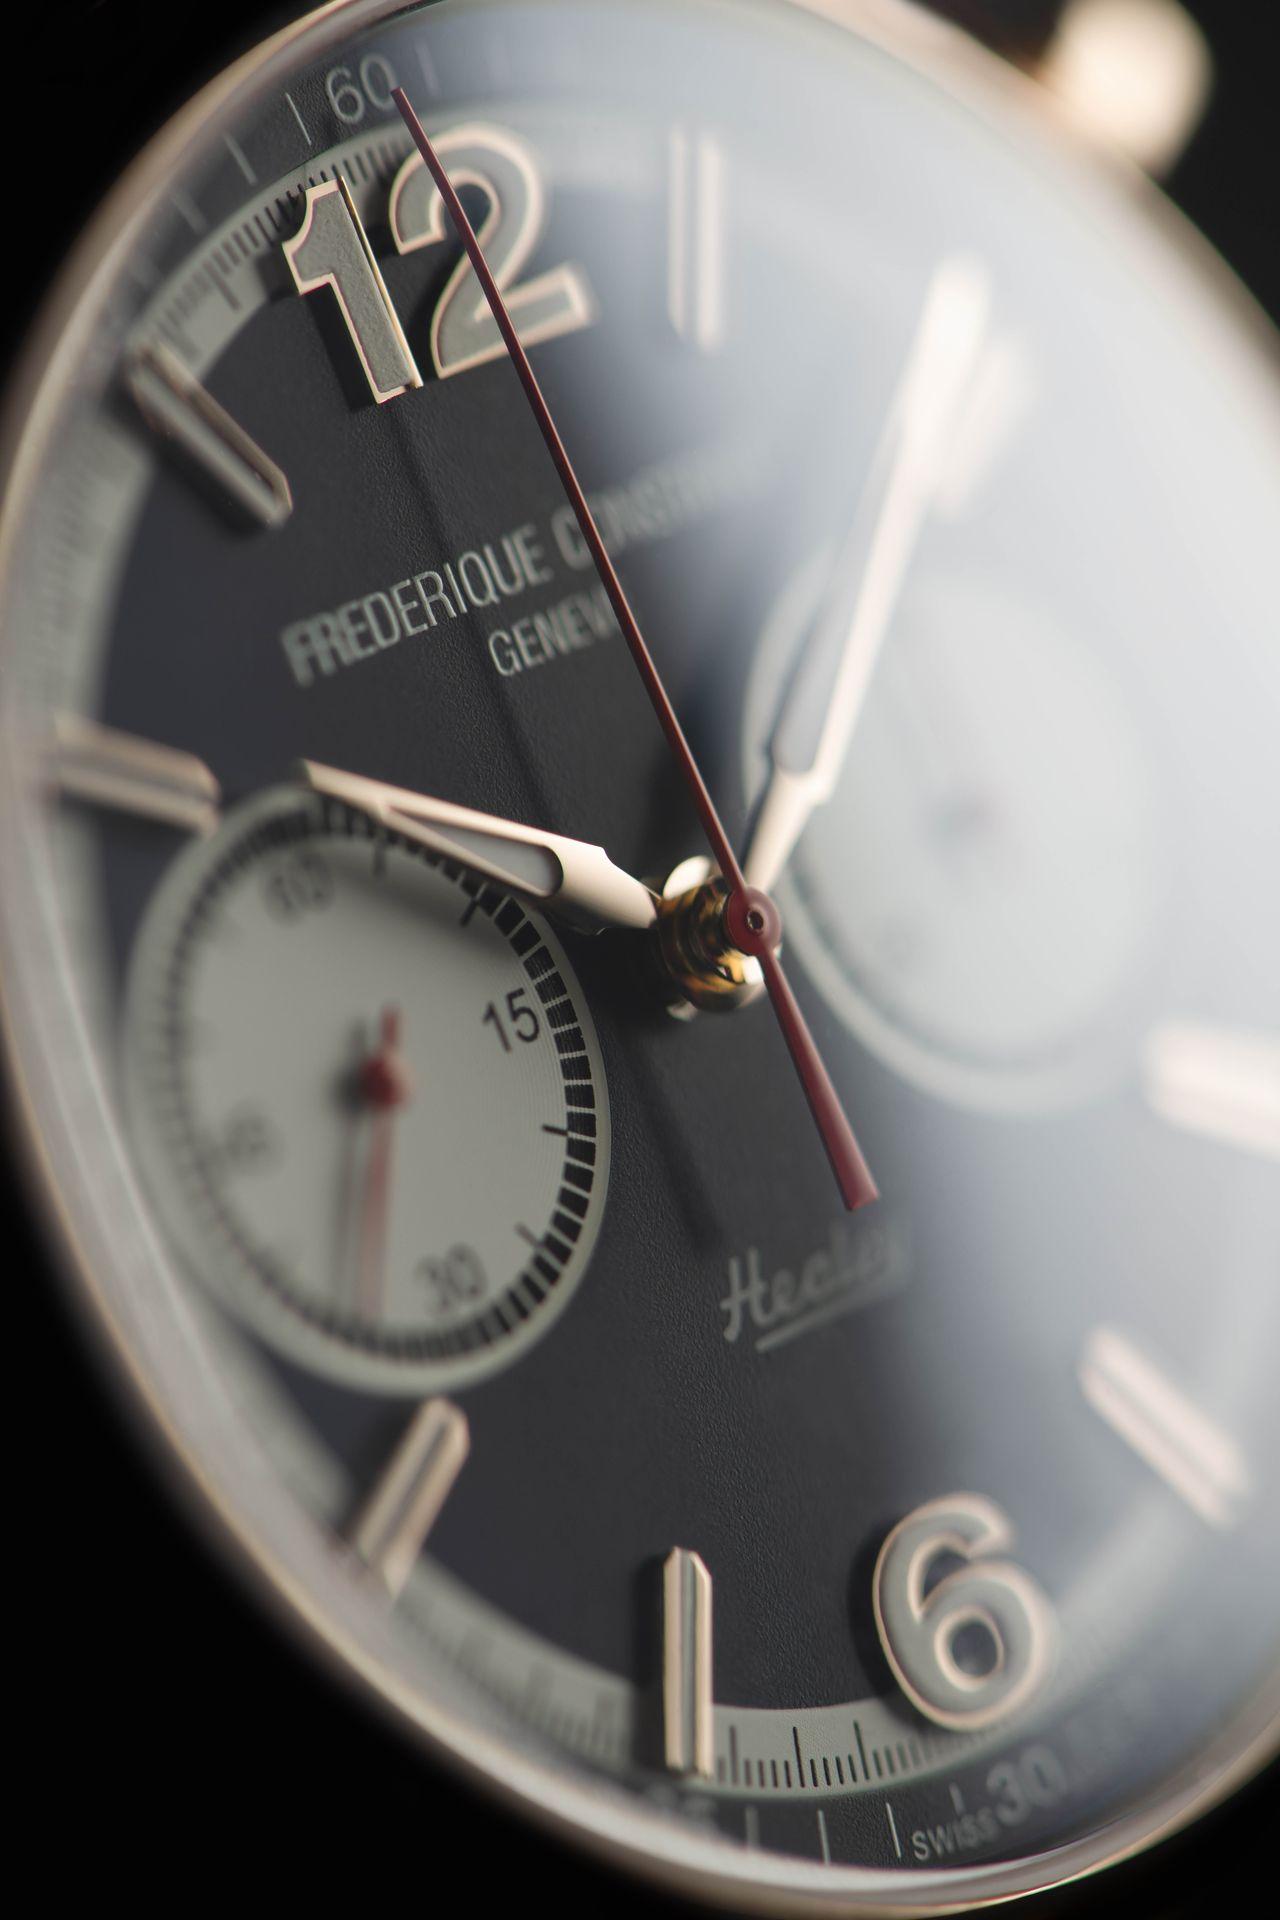 Frédérique Constant Vintage Rallly Chronograph Automatic - nincs motorsportos óra piros mutatók nélkül